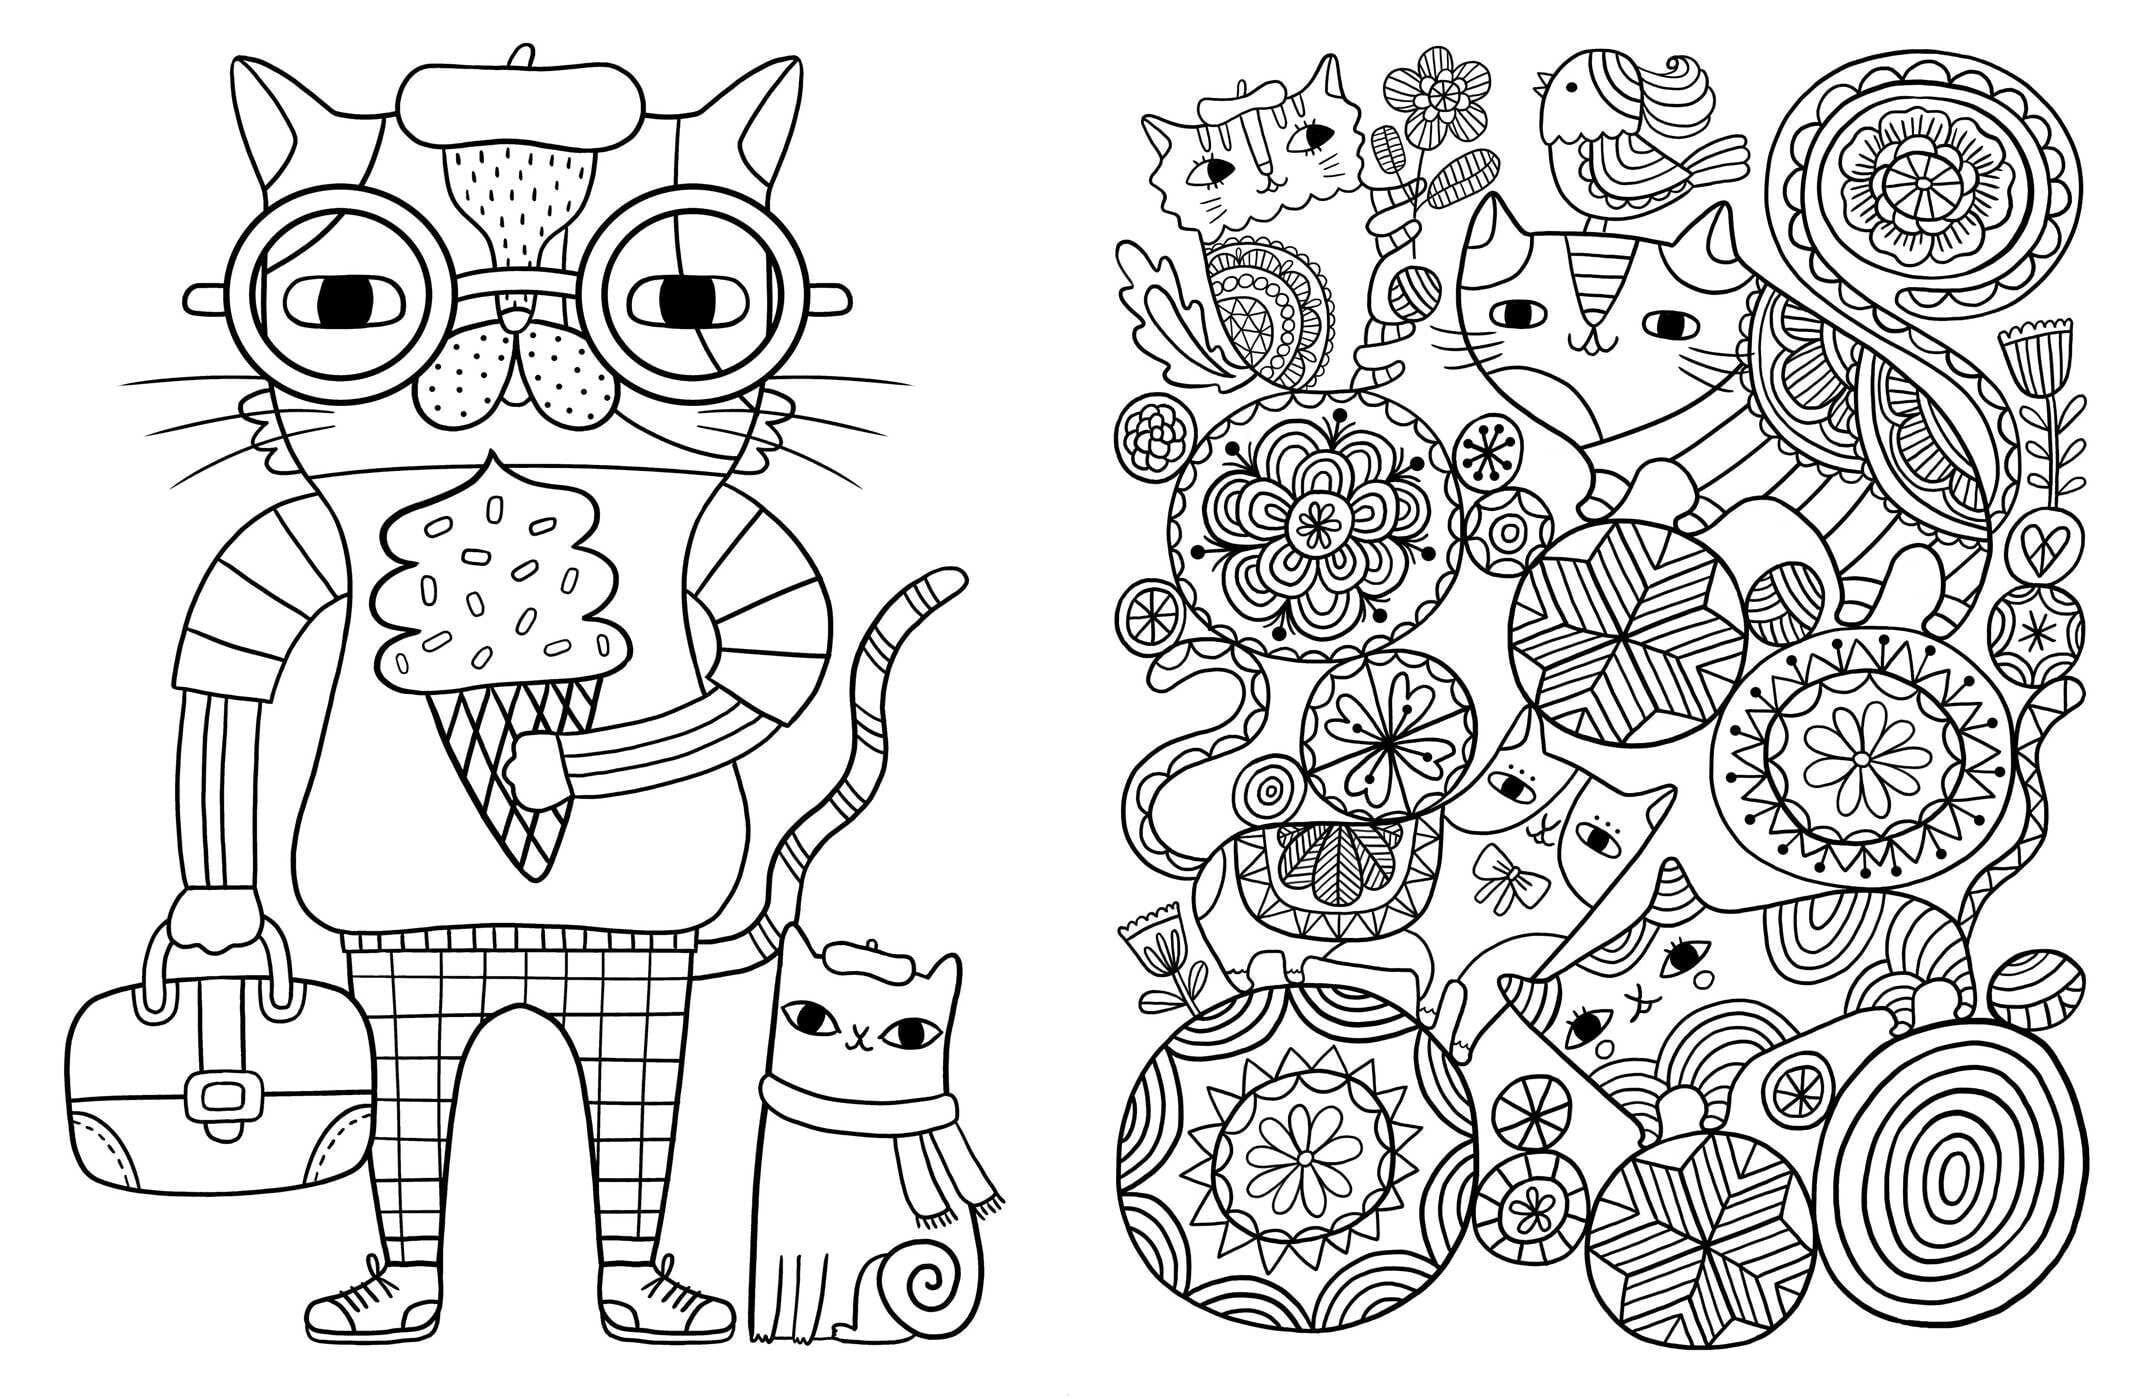 раскраски для взрослых кошки - Рисовака